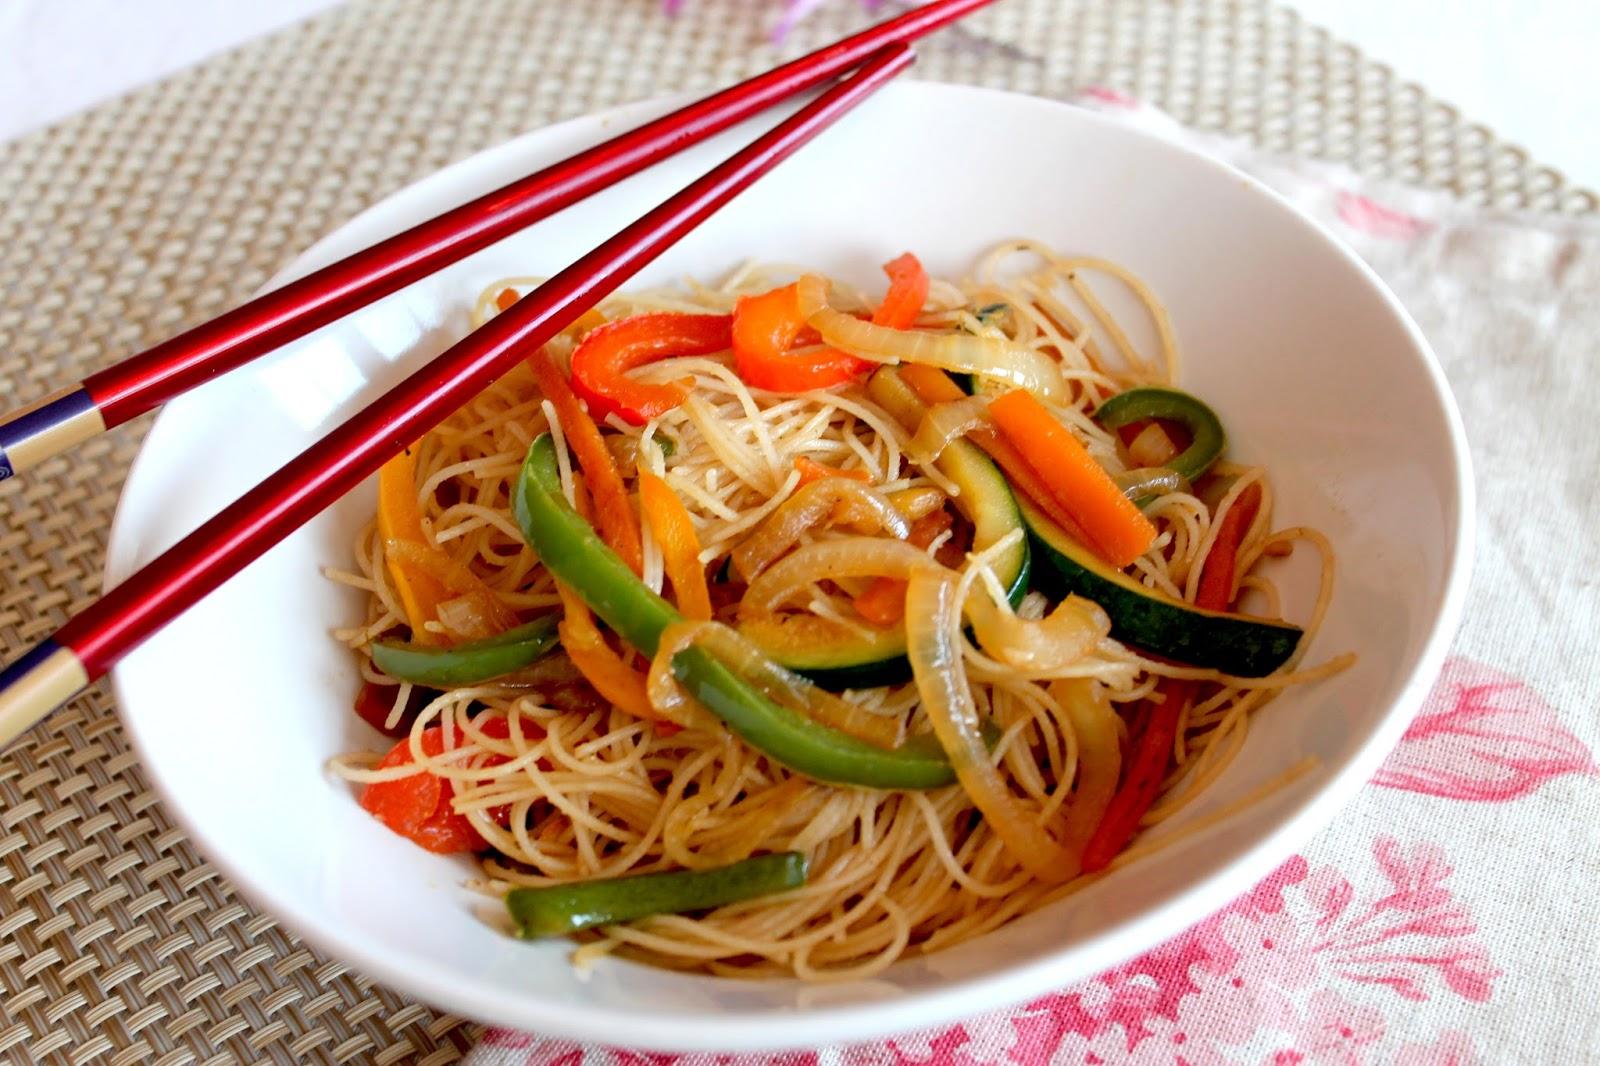 domicilio arroz chino: